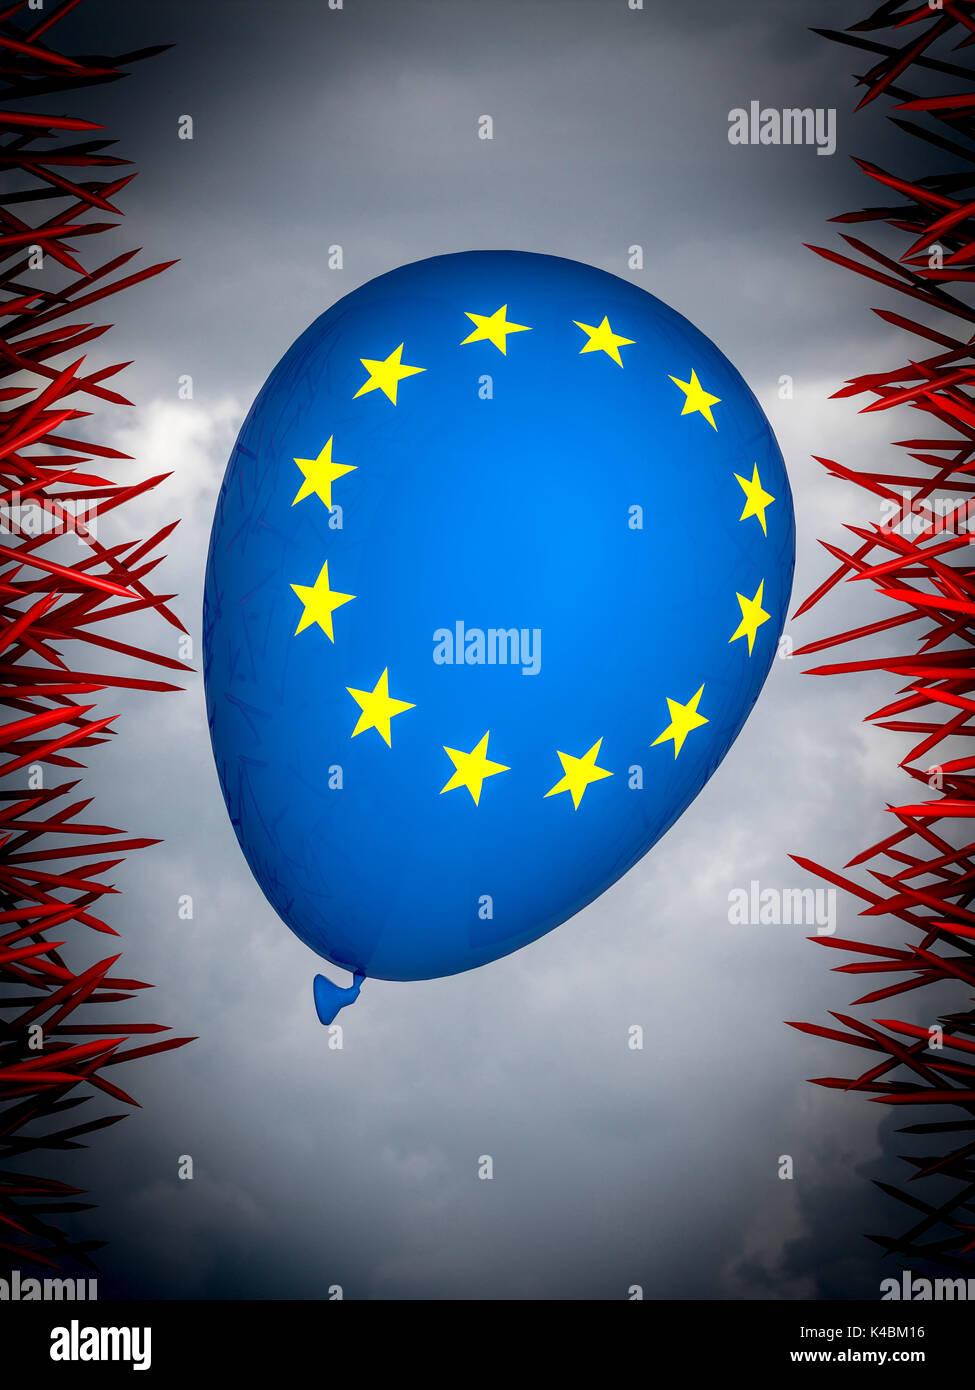 Globo con Europa bandera y uñas rojo 3D rendering imagen Imagen De Stock